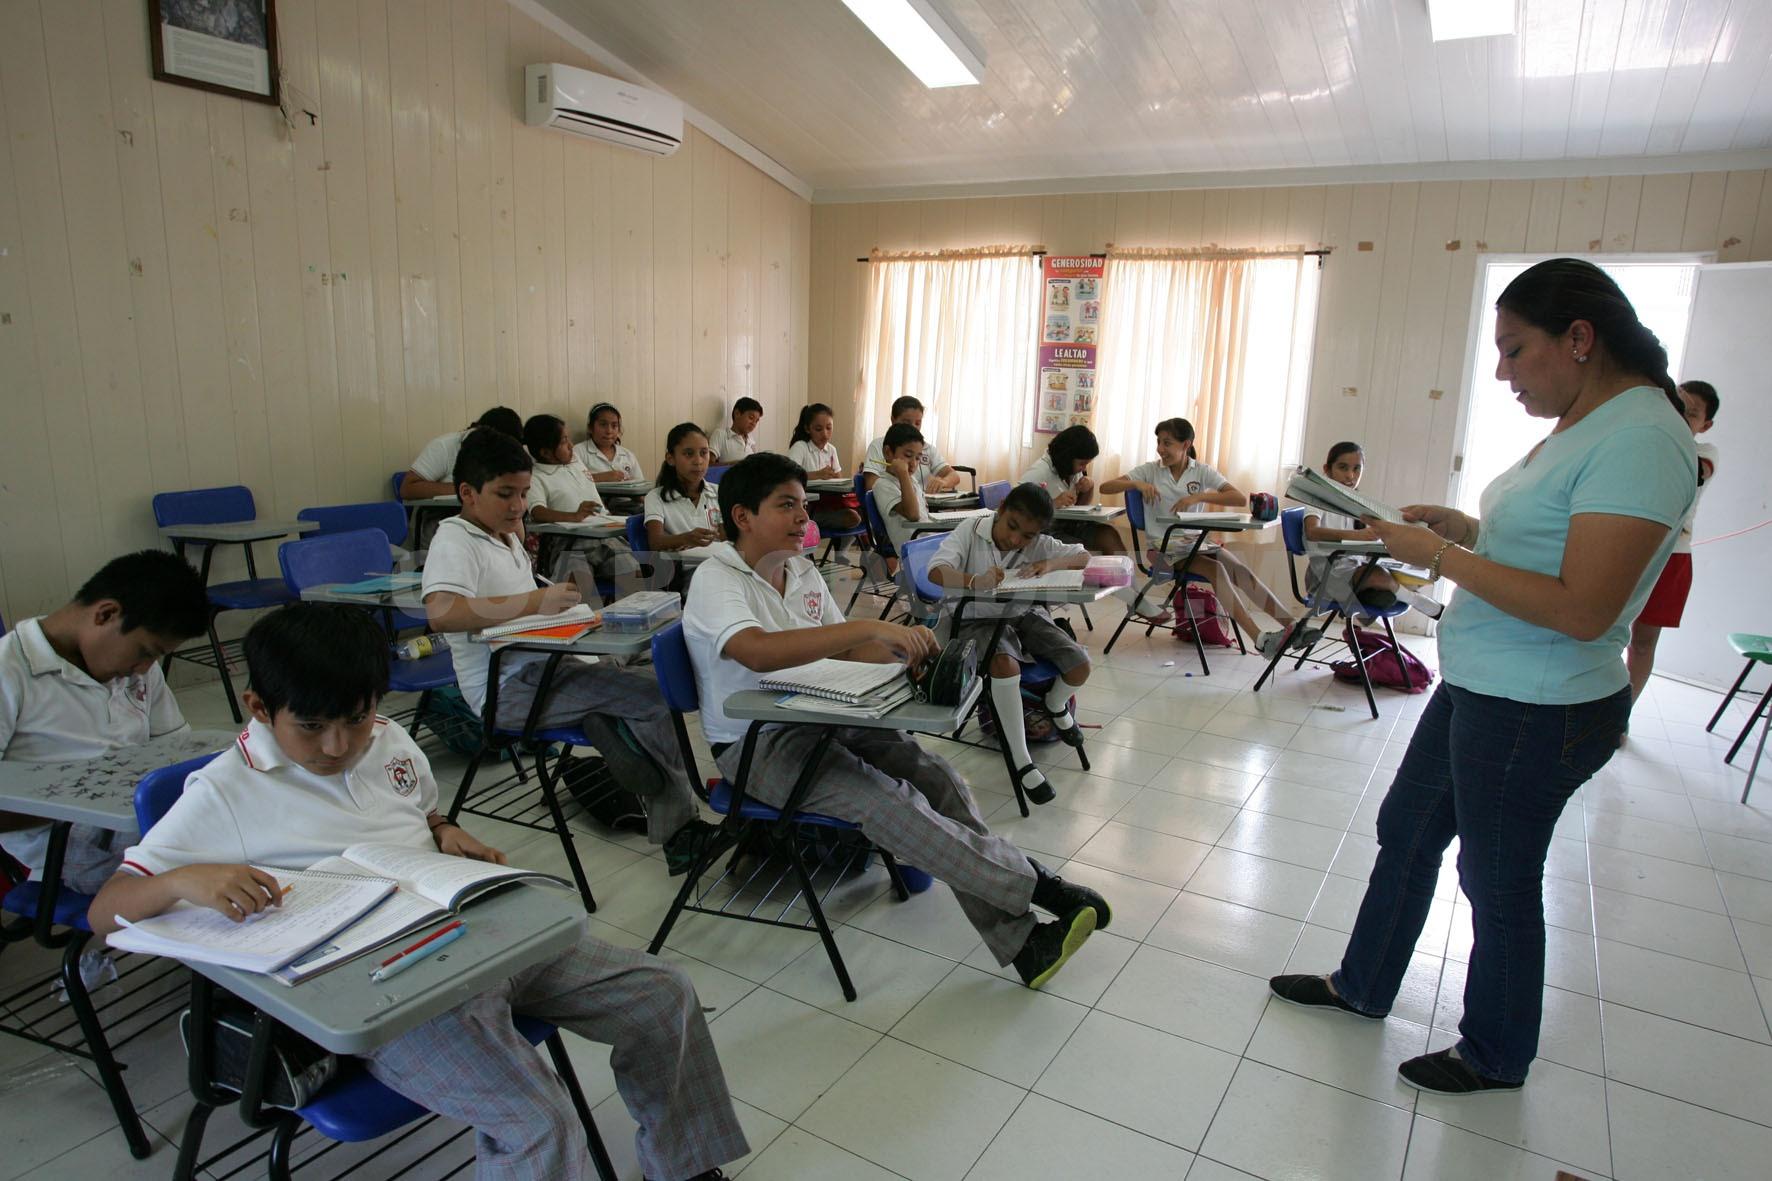 Reiteran llamado a reanudar clases para no perder el ciclo escolar